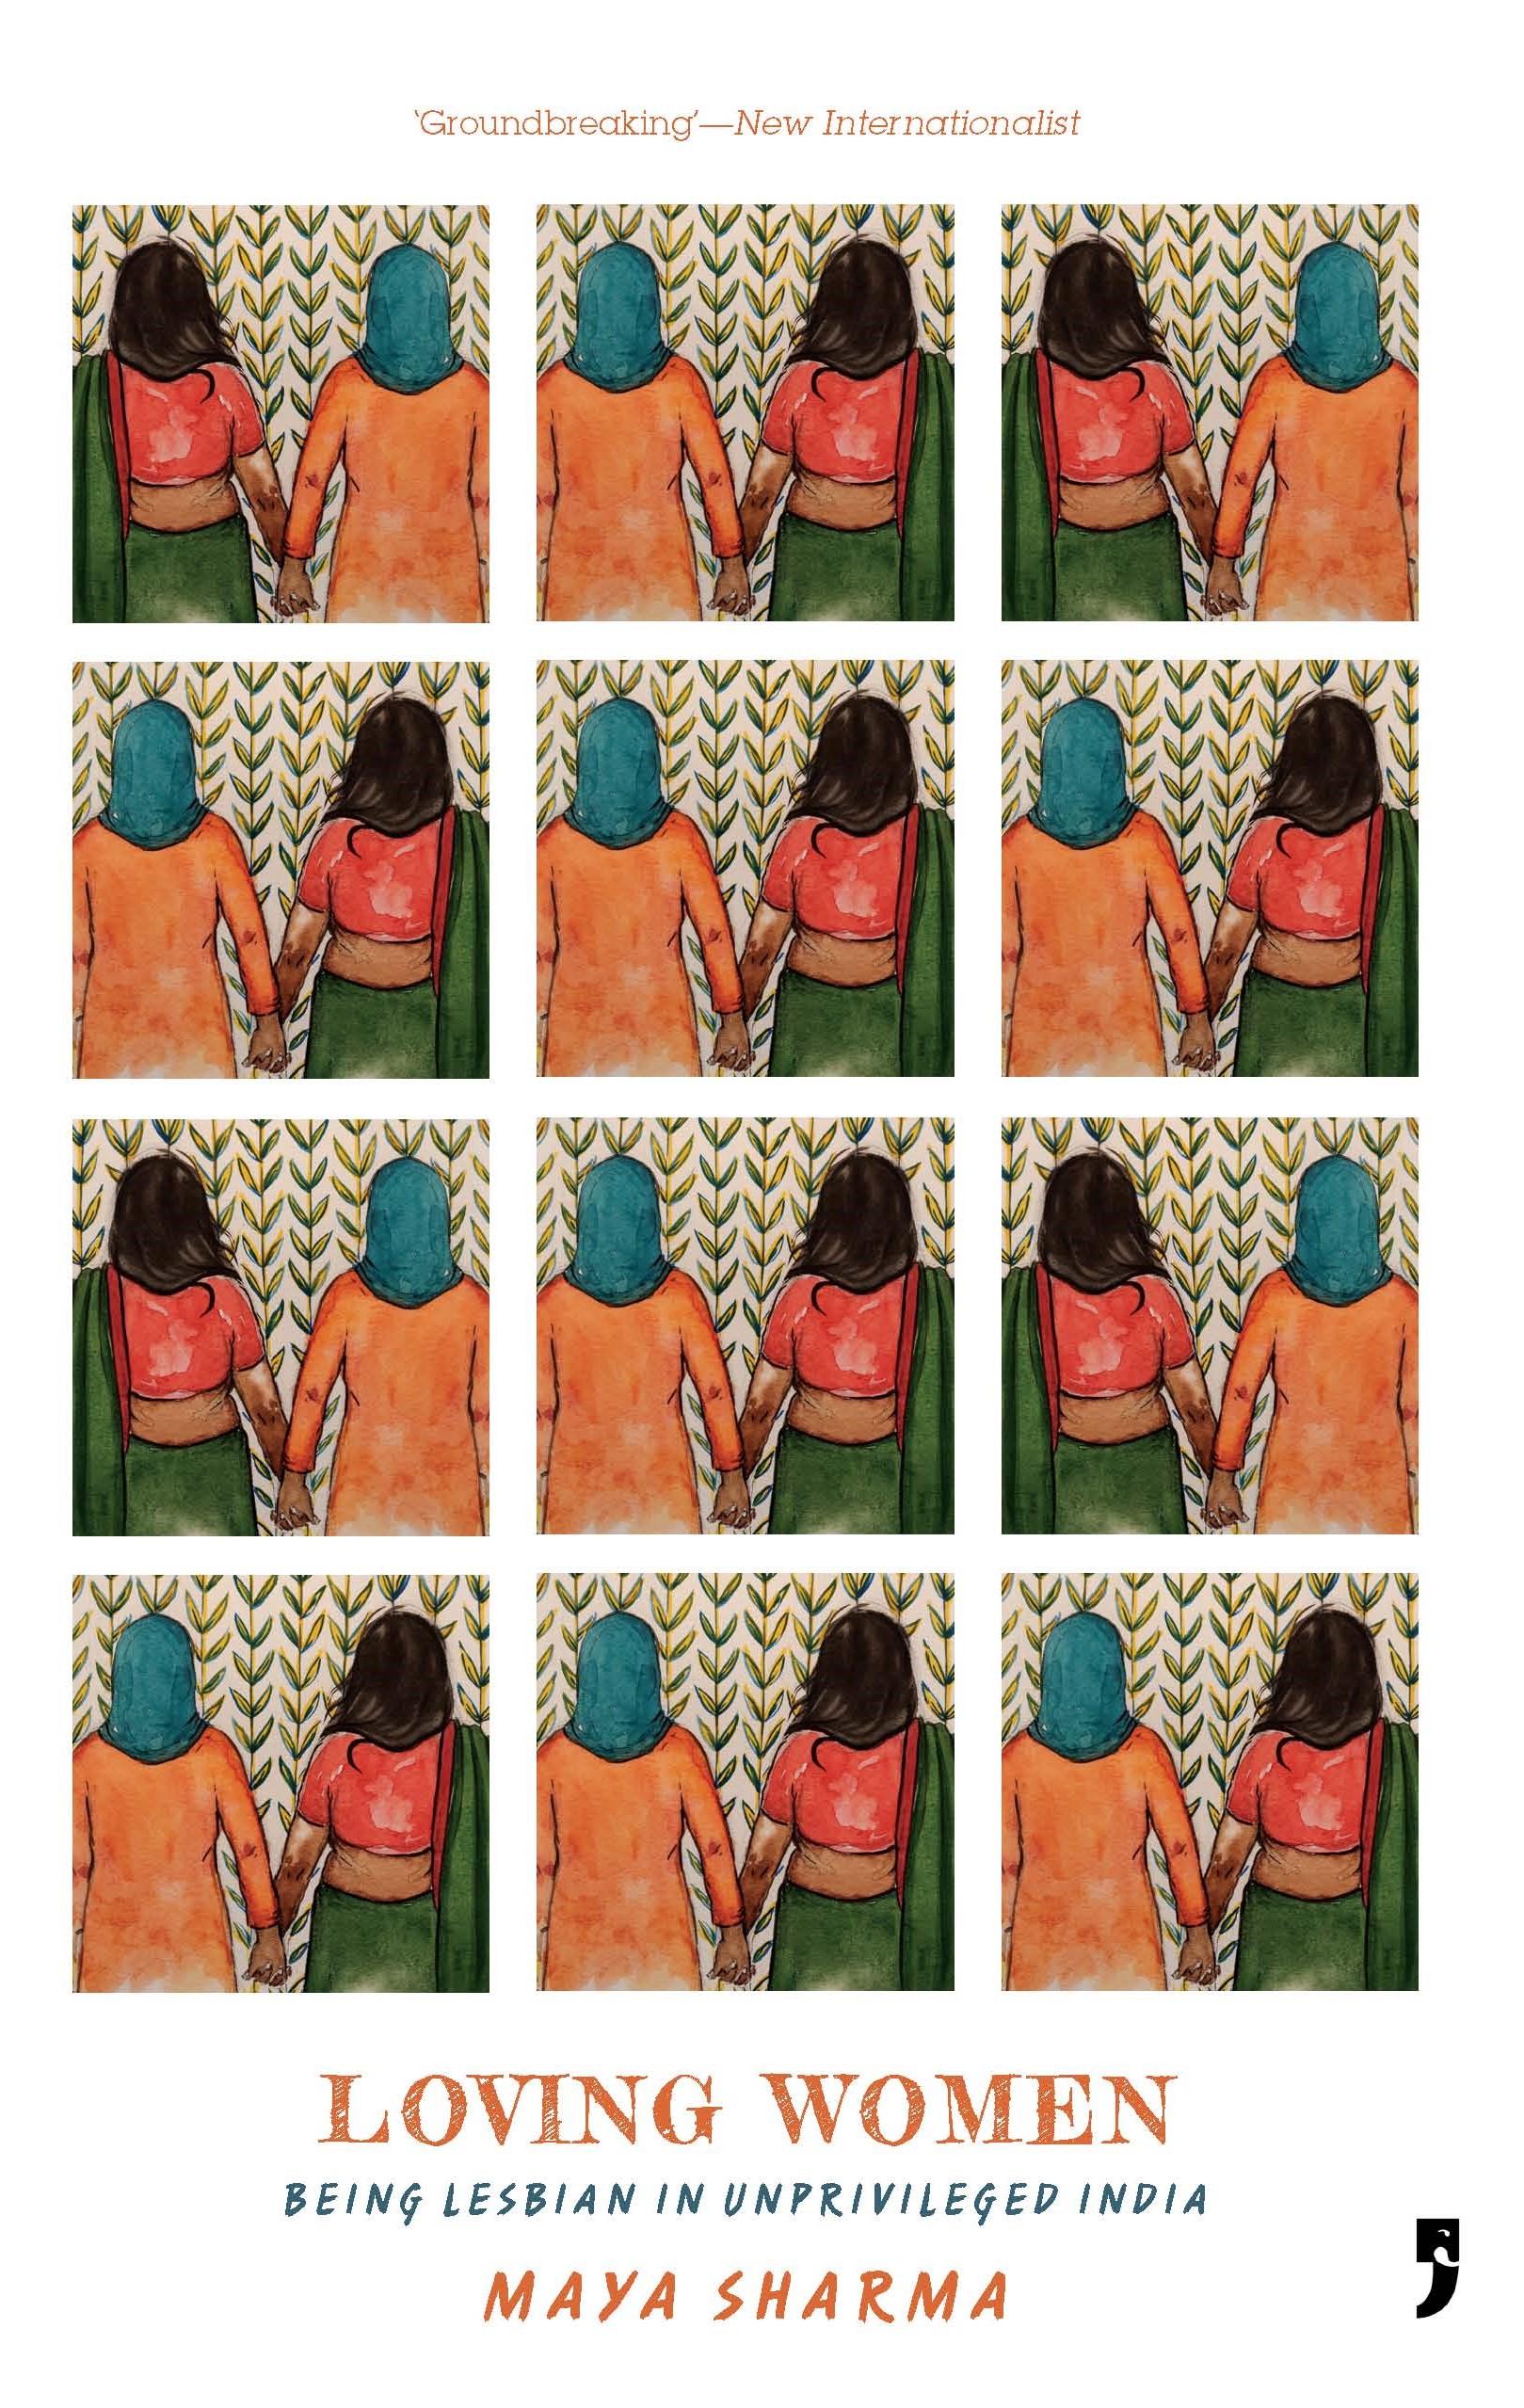 Extract from 'Loving Women' by Maya Sharma (Yoda Press, 2006)